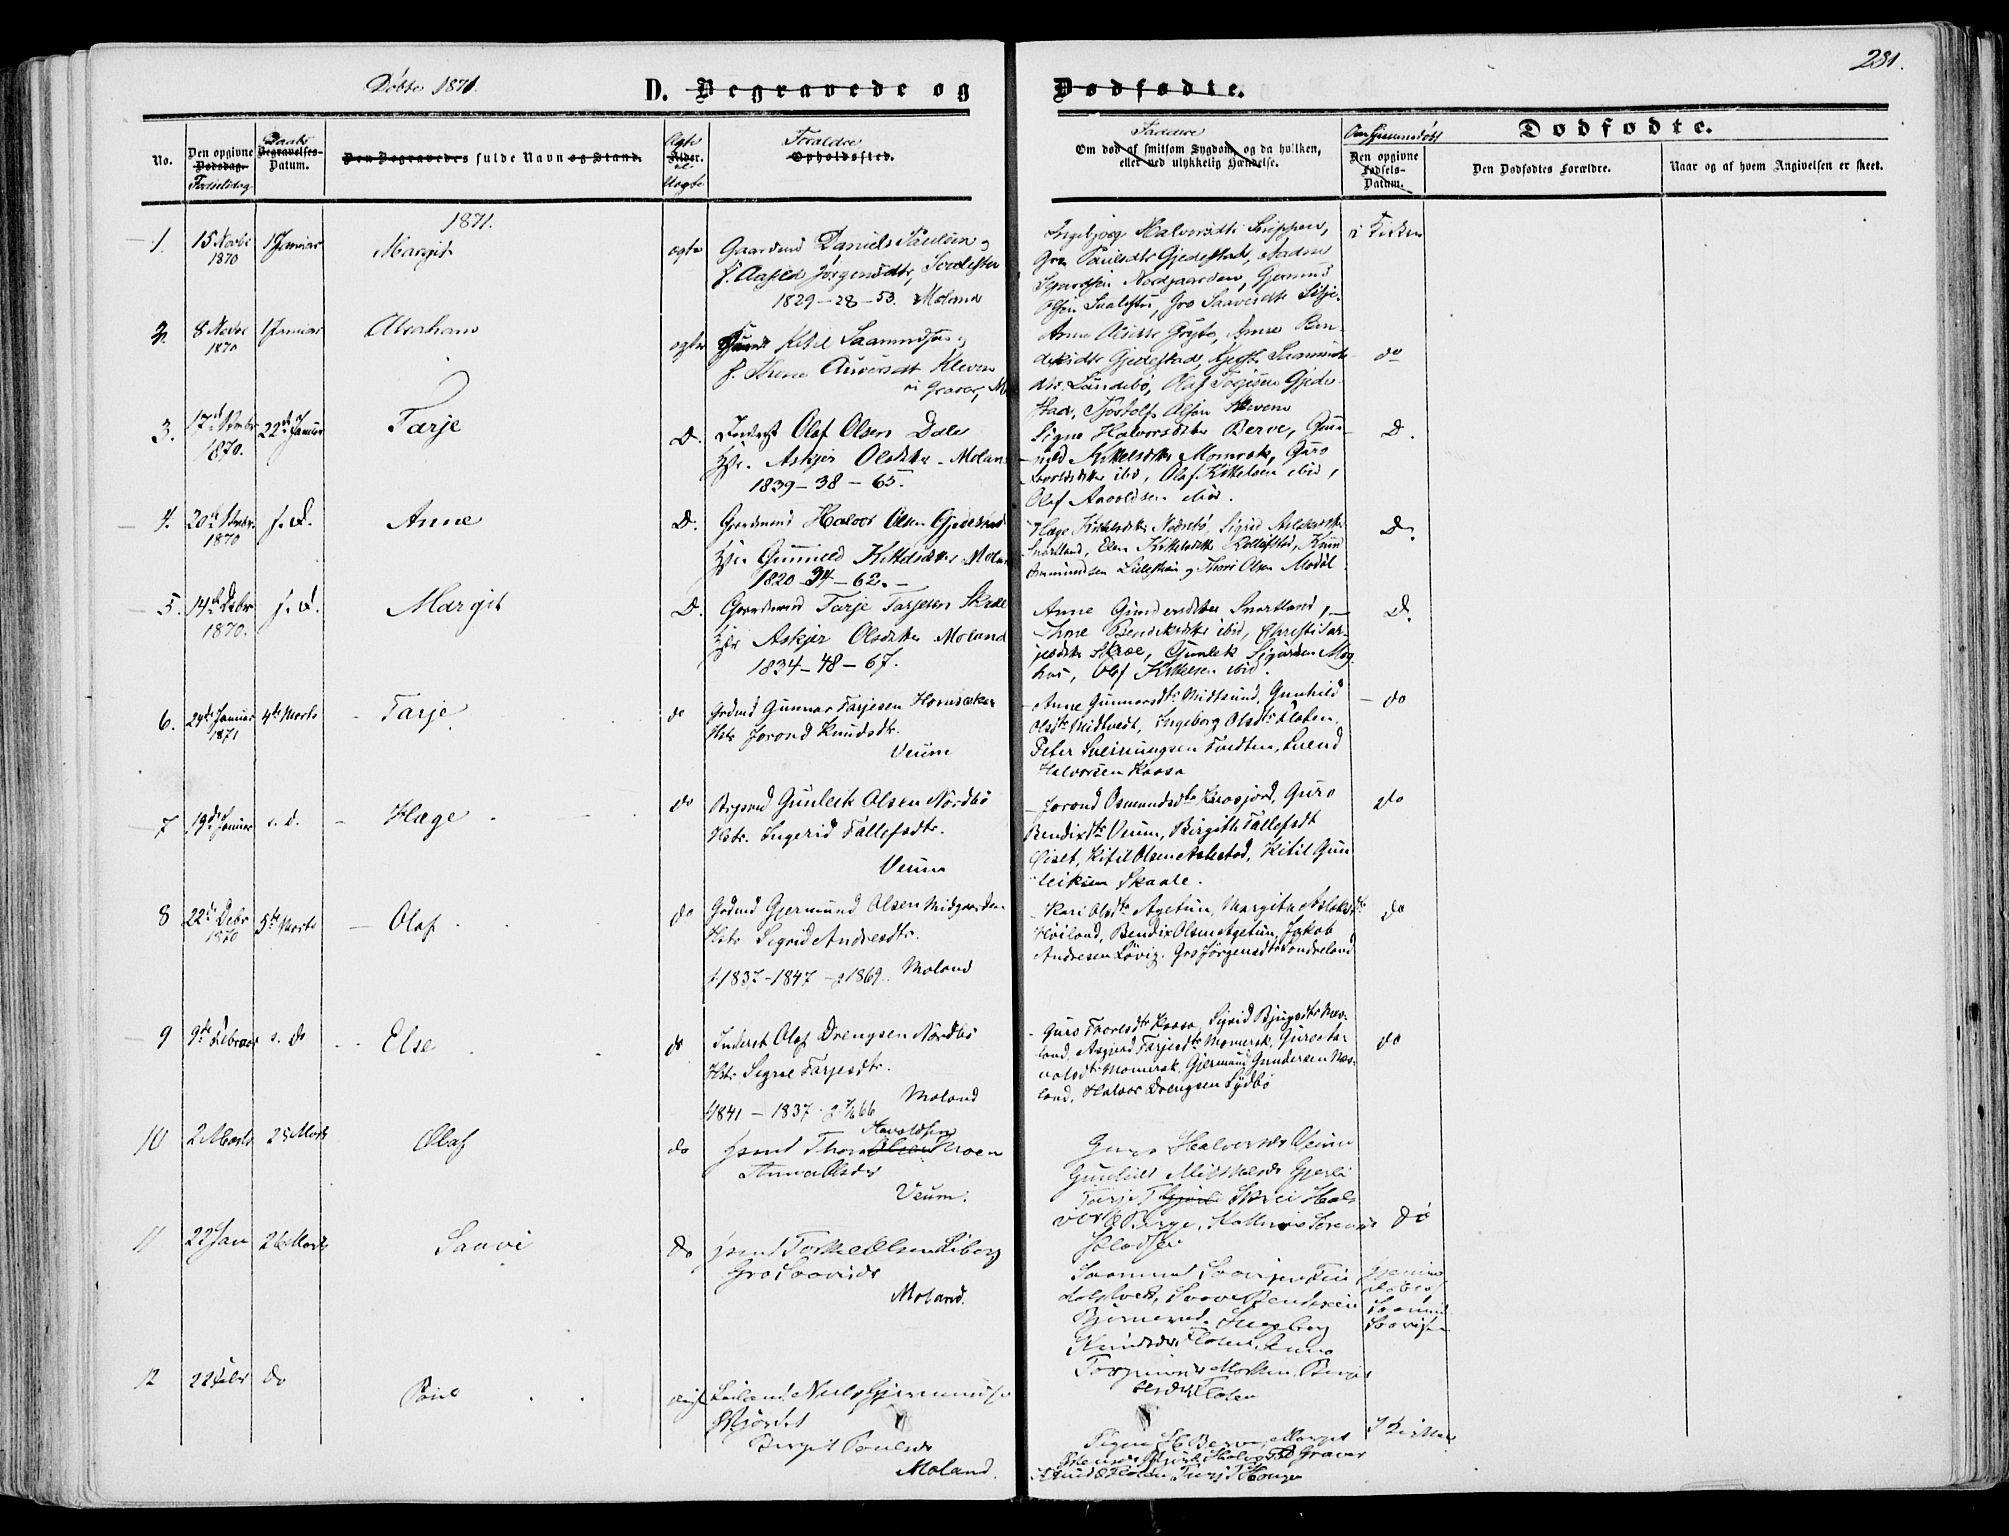 SAKO, Fyresdal kirkebøker, F/Fa/L0005: Ministerialbok nr. I 5, 1855-1871, s. 281